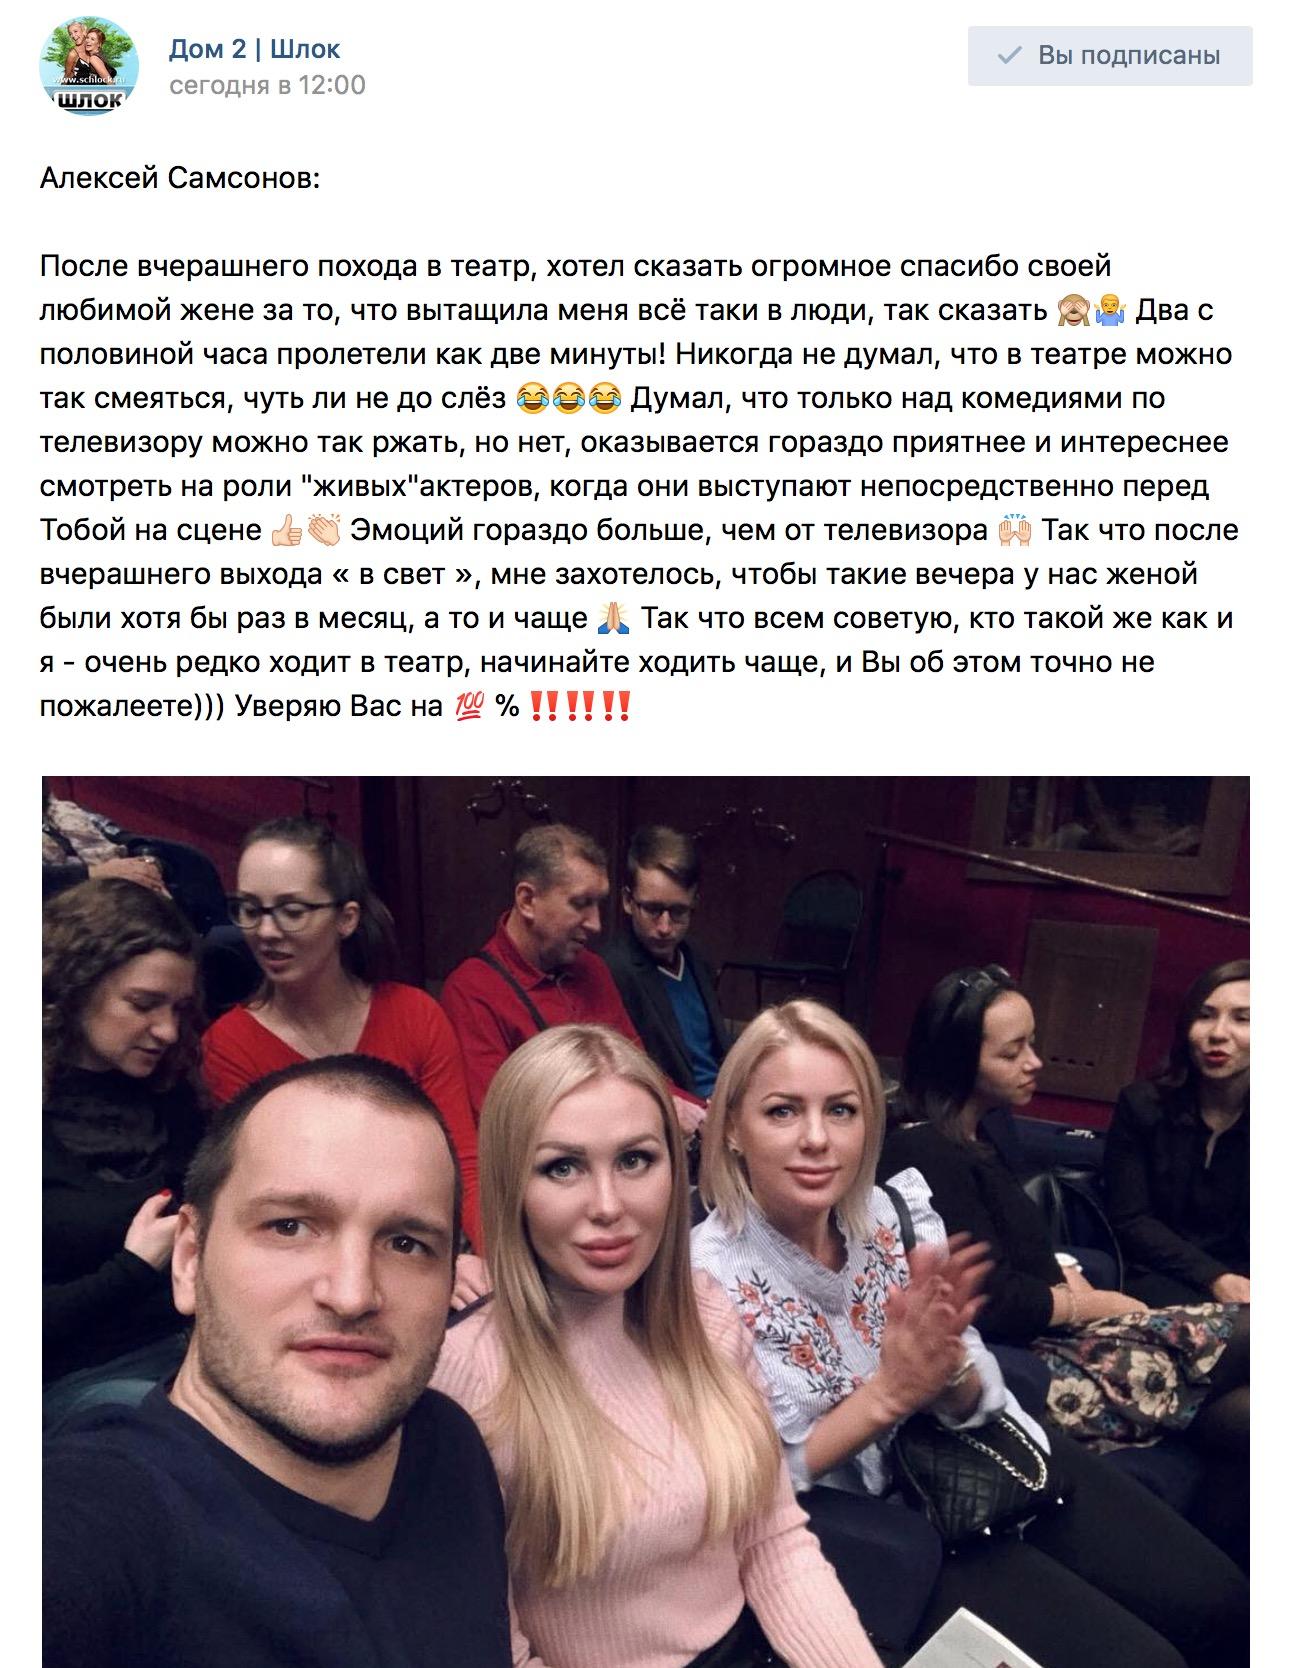 Алексей Самсонов в театре